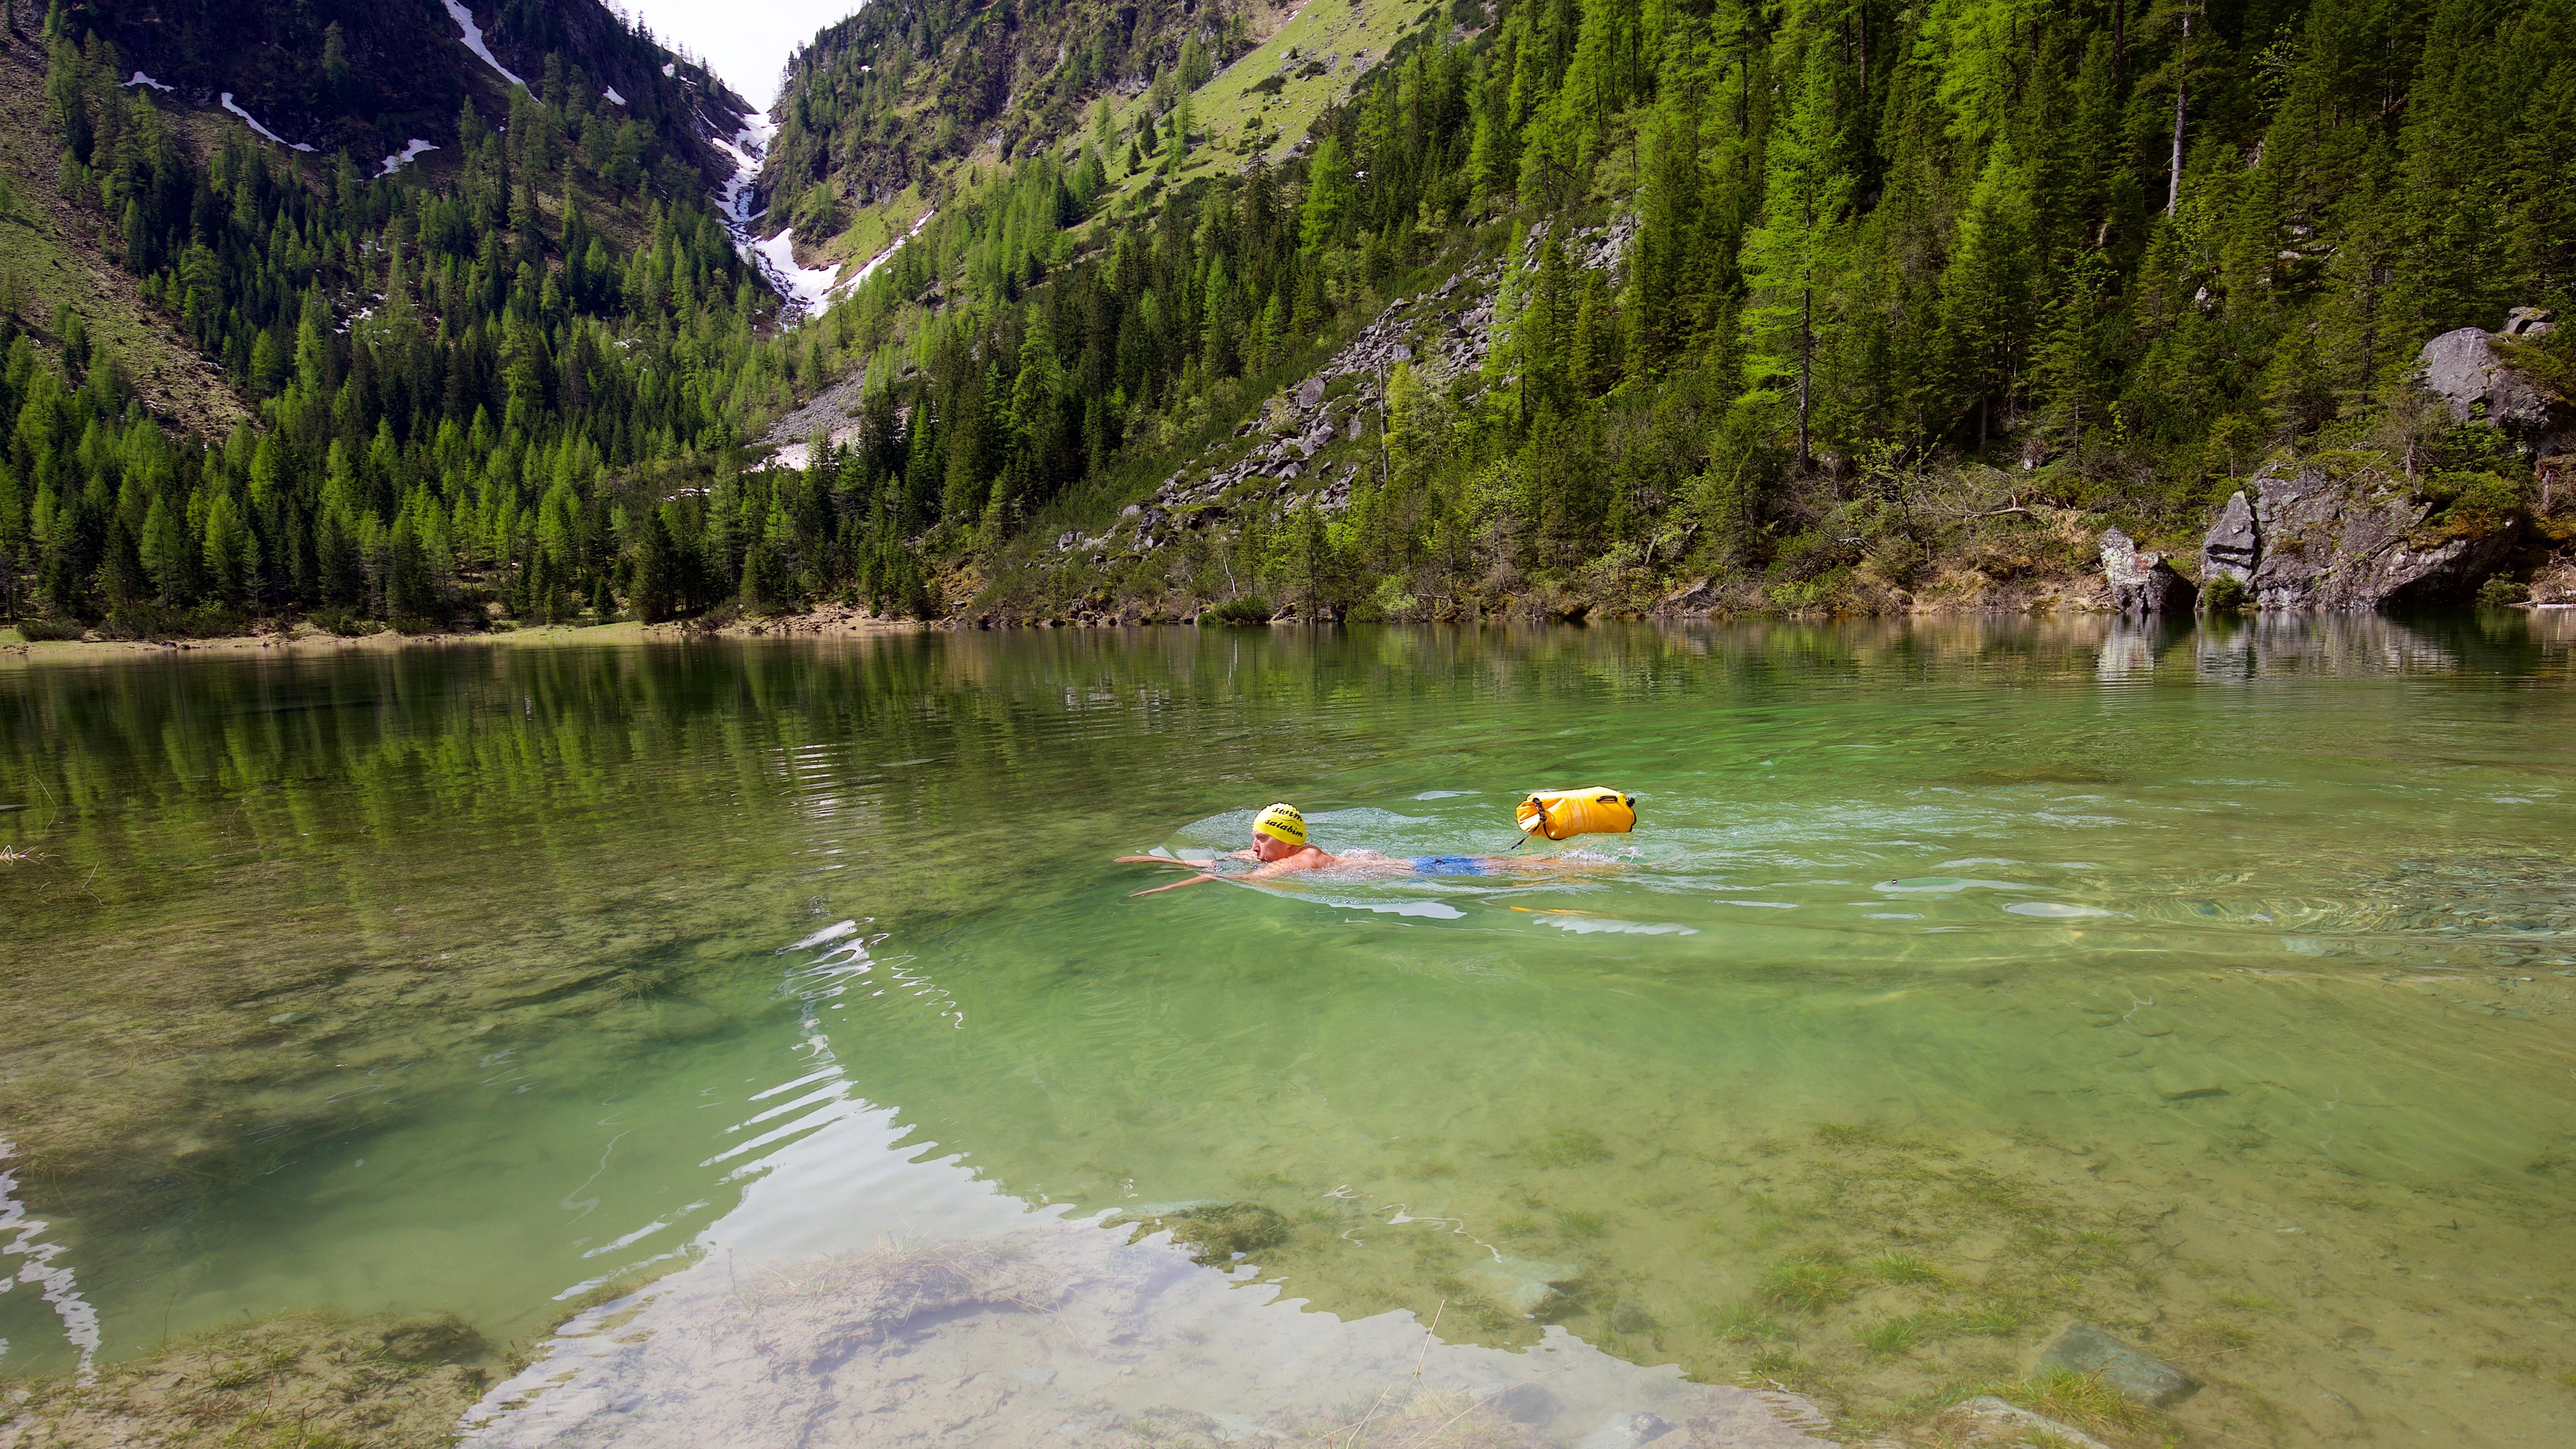 Nicht nur für Anfänger wichtig: Freischwimmer sollten aus Sicherheitsgründen stets eine Schwimmboie dabei haben, um sich im Notfall und bei starken Strömungen daran festzuhalten.